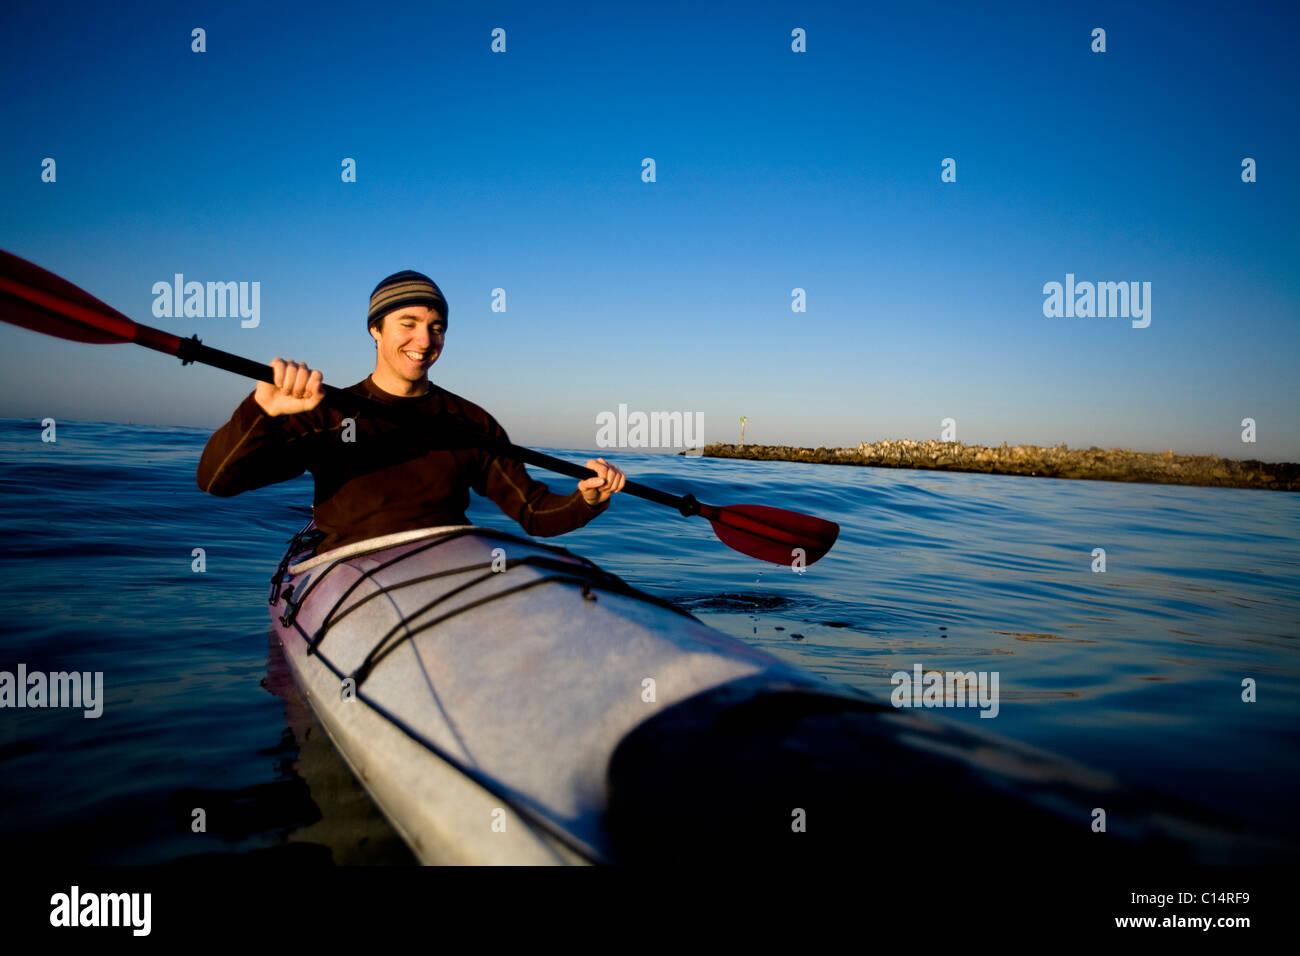 Un hombre joven sonríe mientras remando un kayak de travesía, justo en las afueras de Ventura Harbor en Imagen De Stock